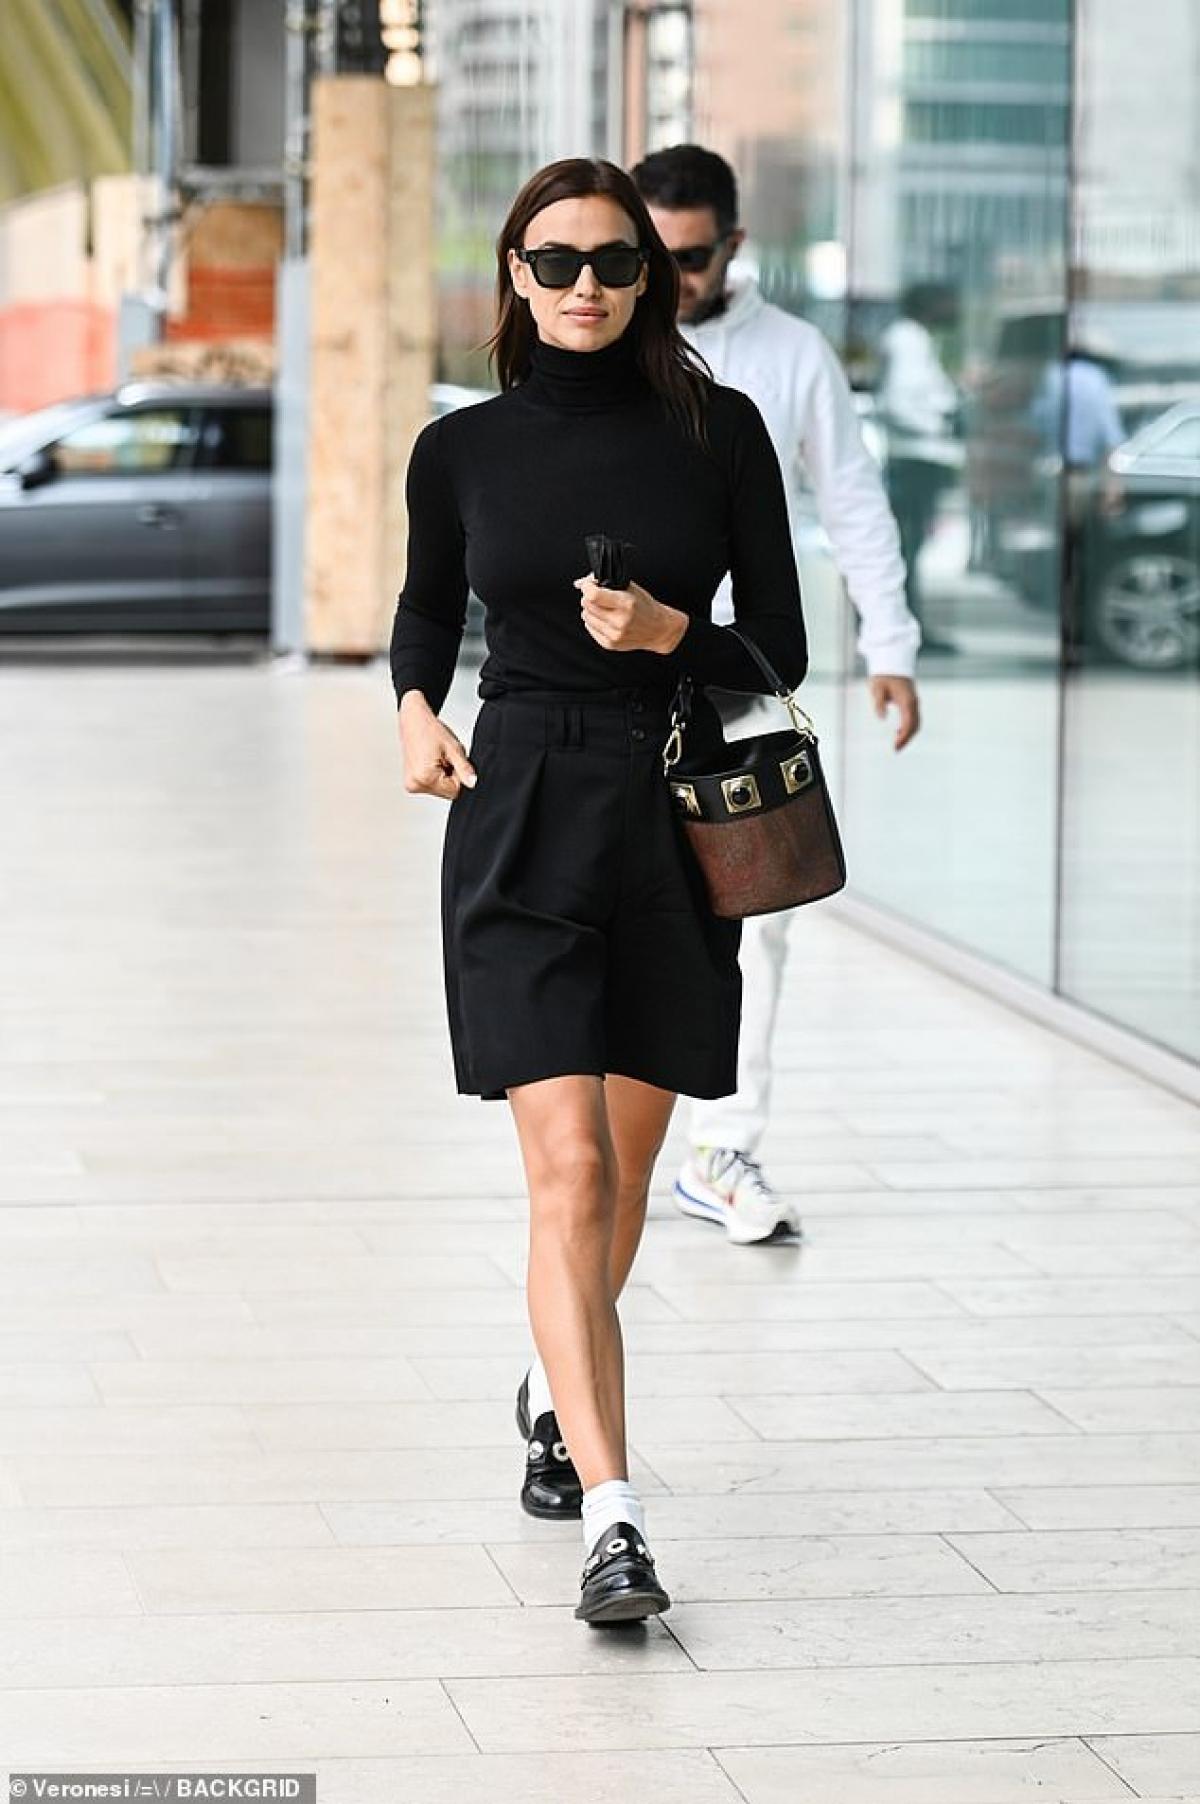 Irina Shayk hiện là một trong những người mẫu nổi tiếng hiện tại.